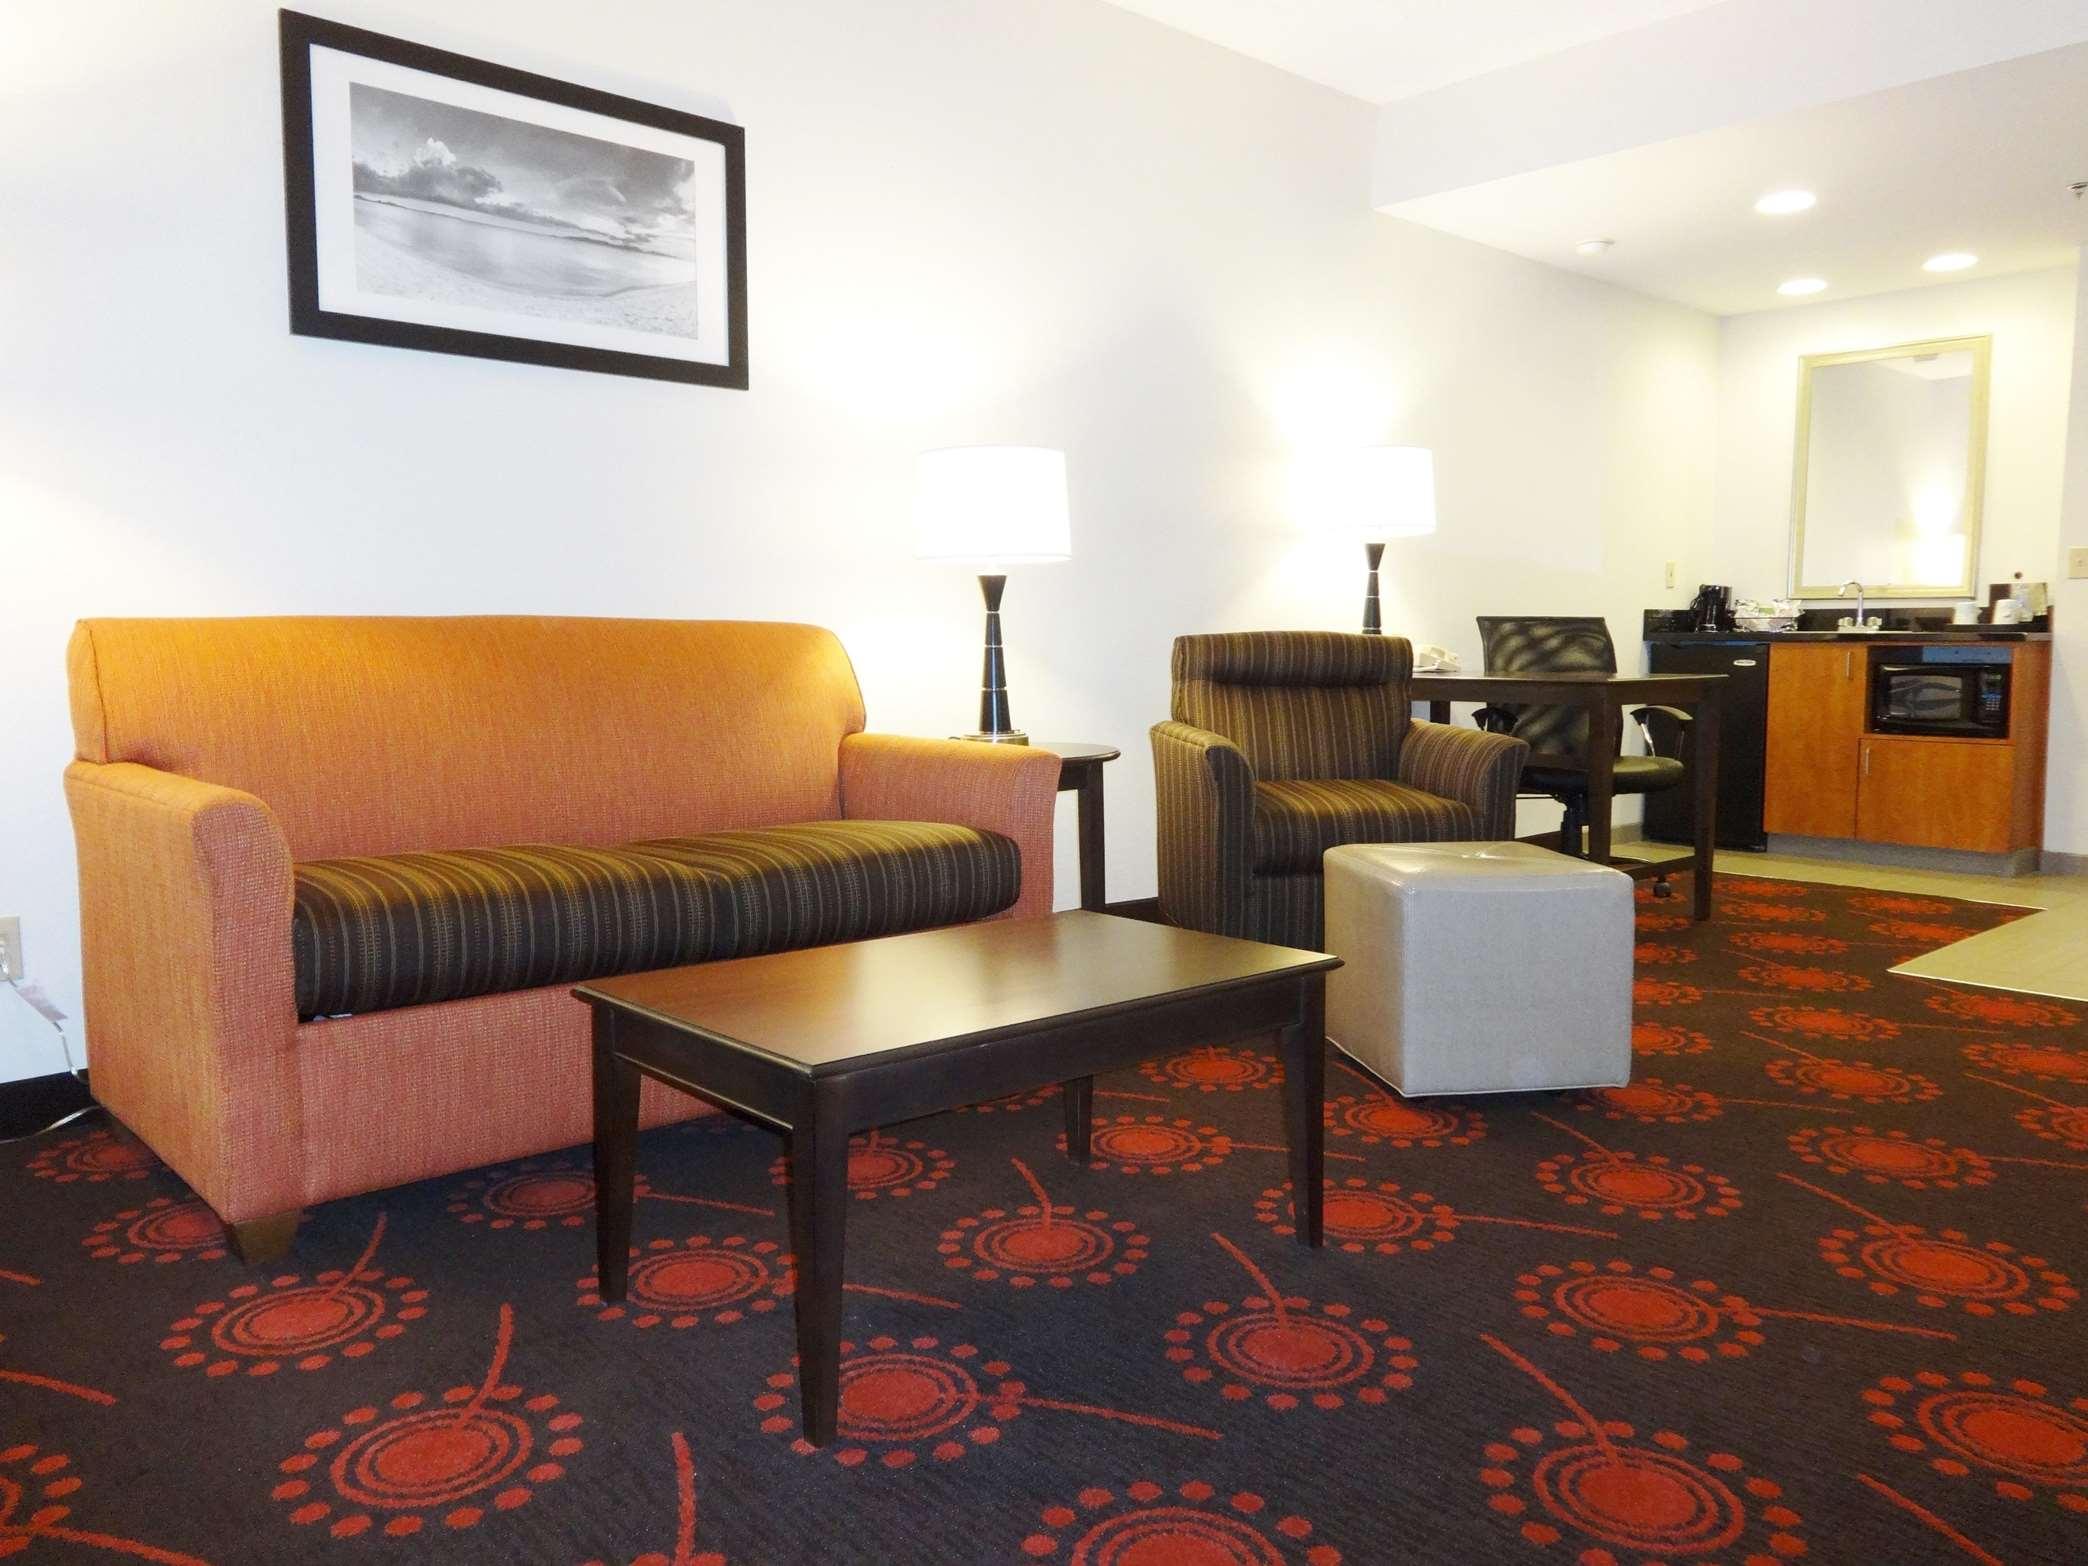 Hampton Inn & Suites Port St. Lucie, West image 24